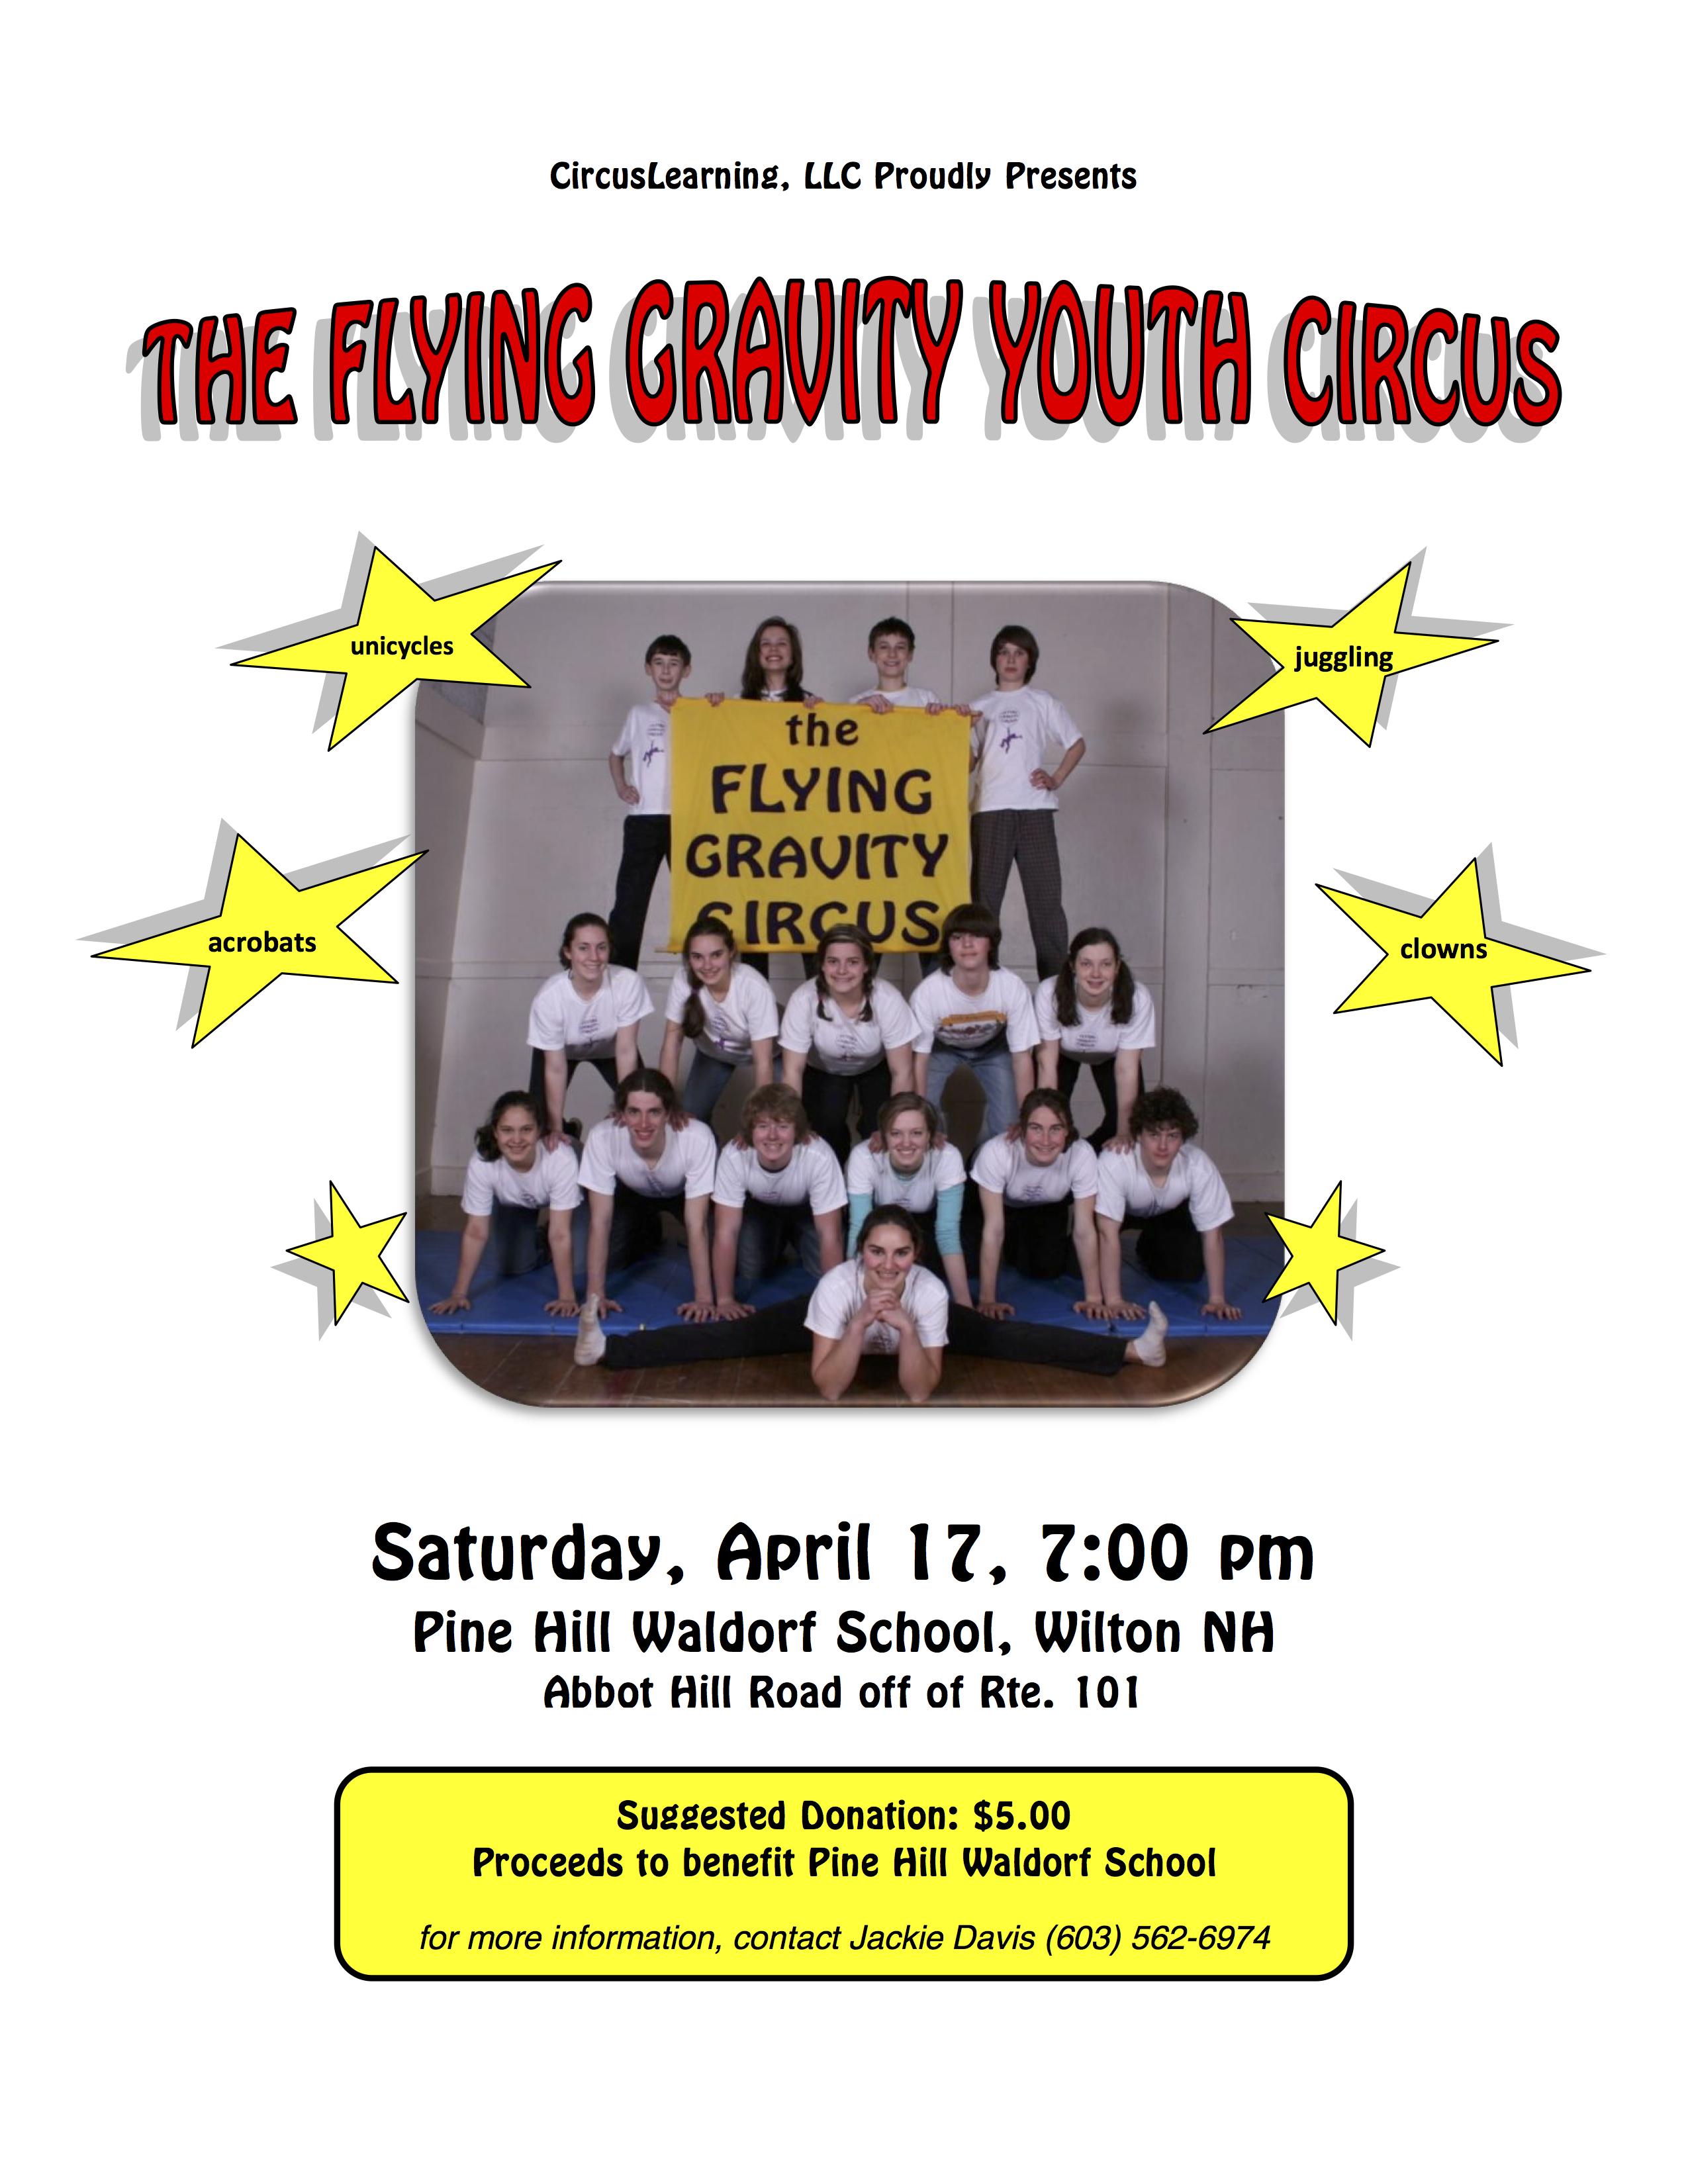 FGC Poster April 17, 2010.jpg